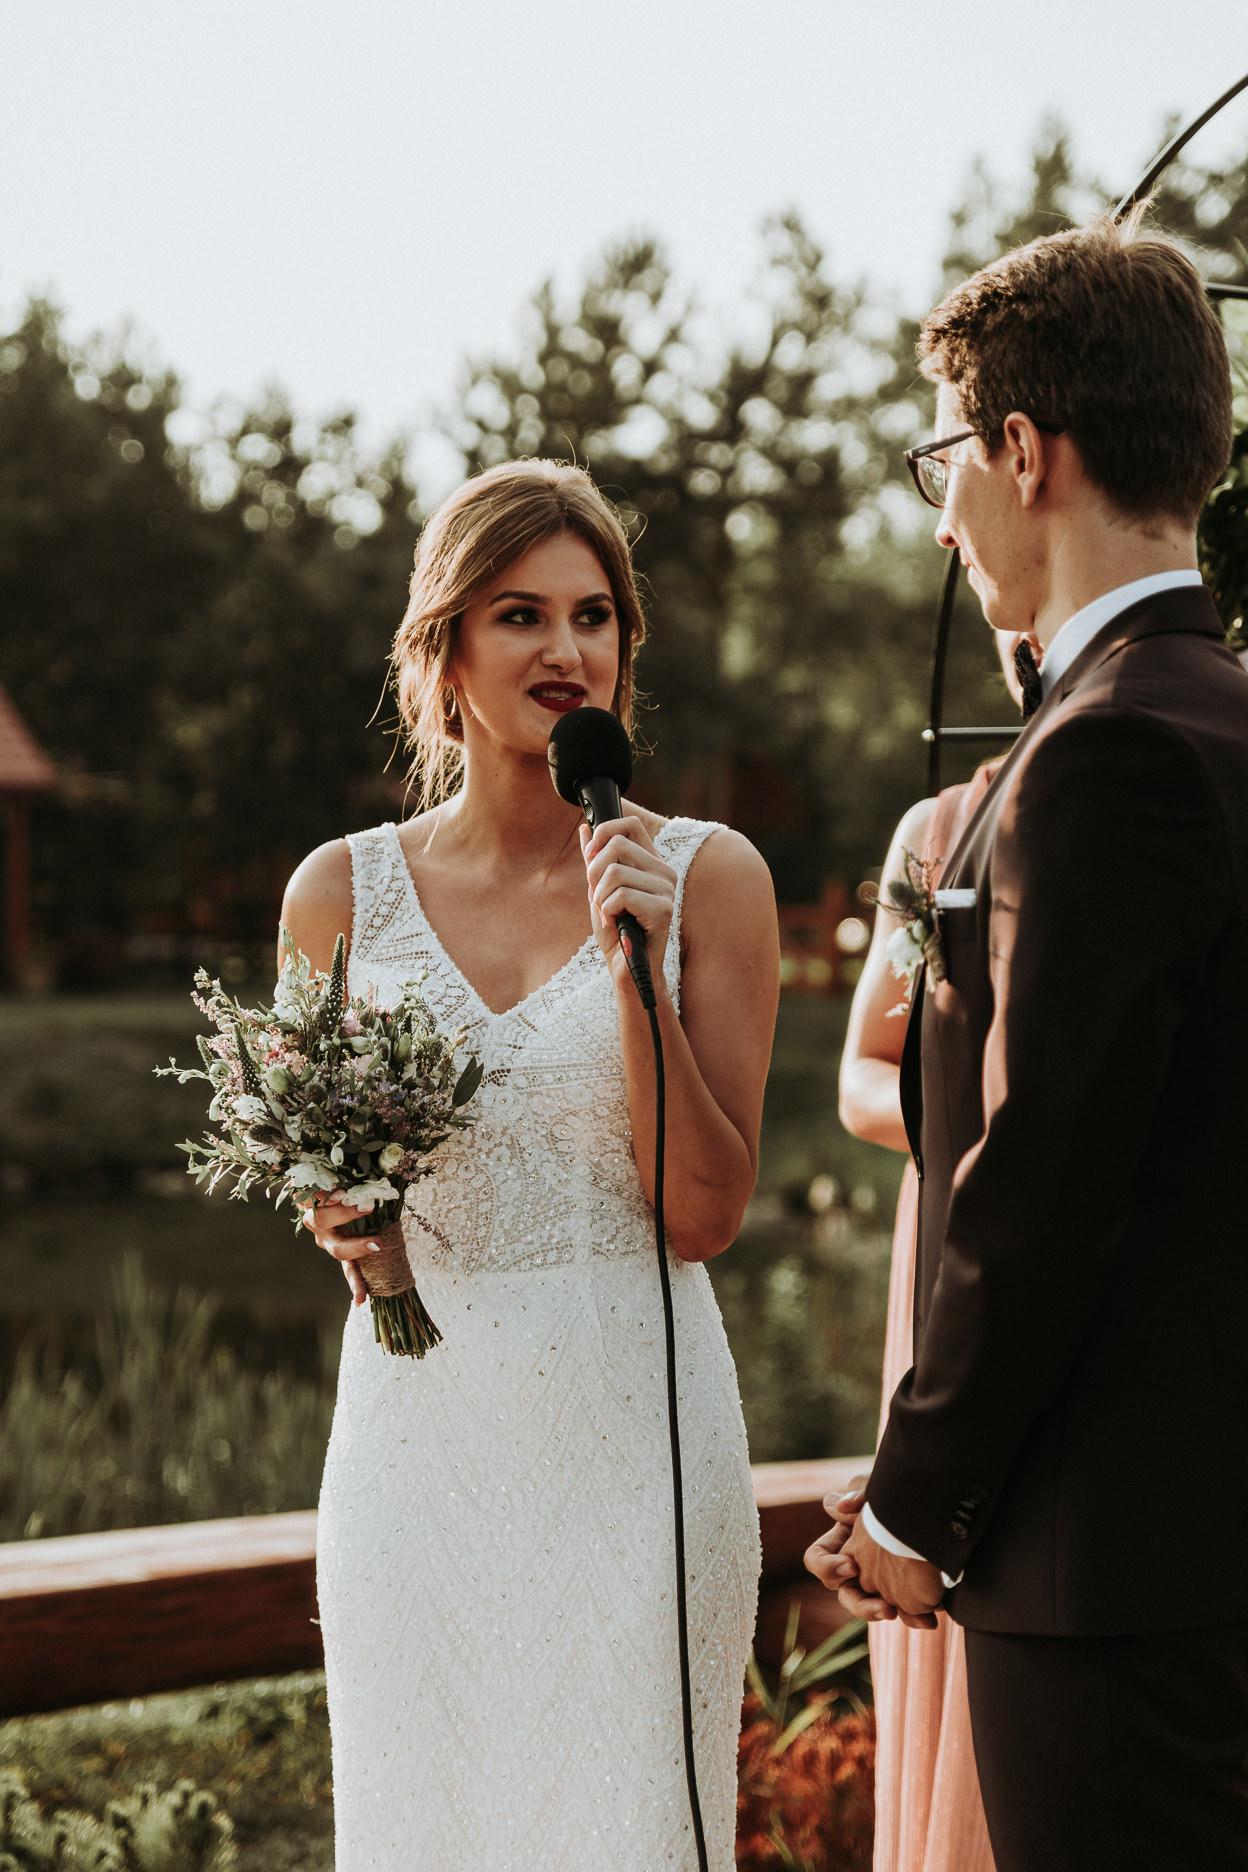 047 - ZAPAROWANA - Ślub A-A